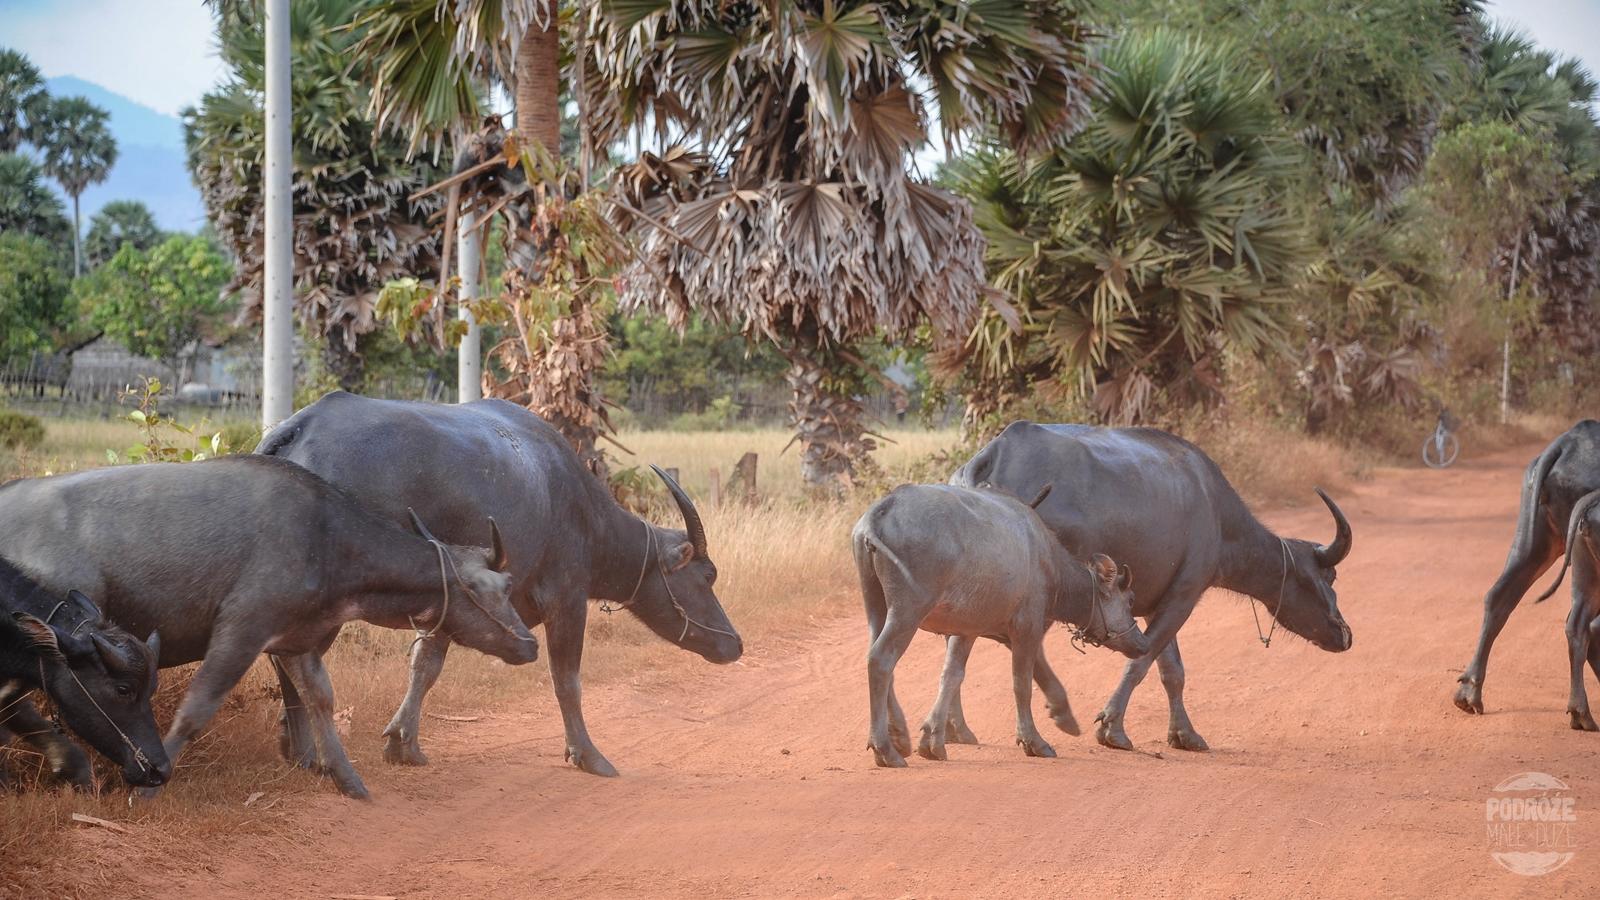 kambodza wies kampot bawoly wodne